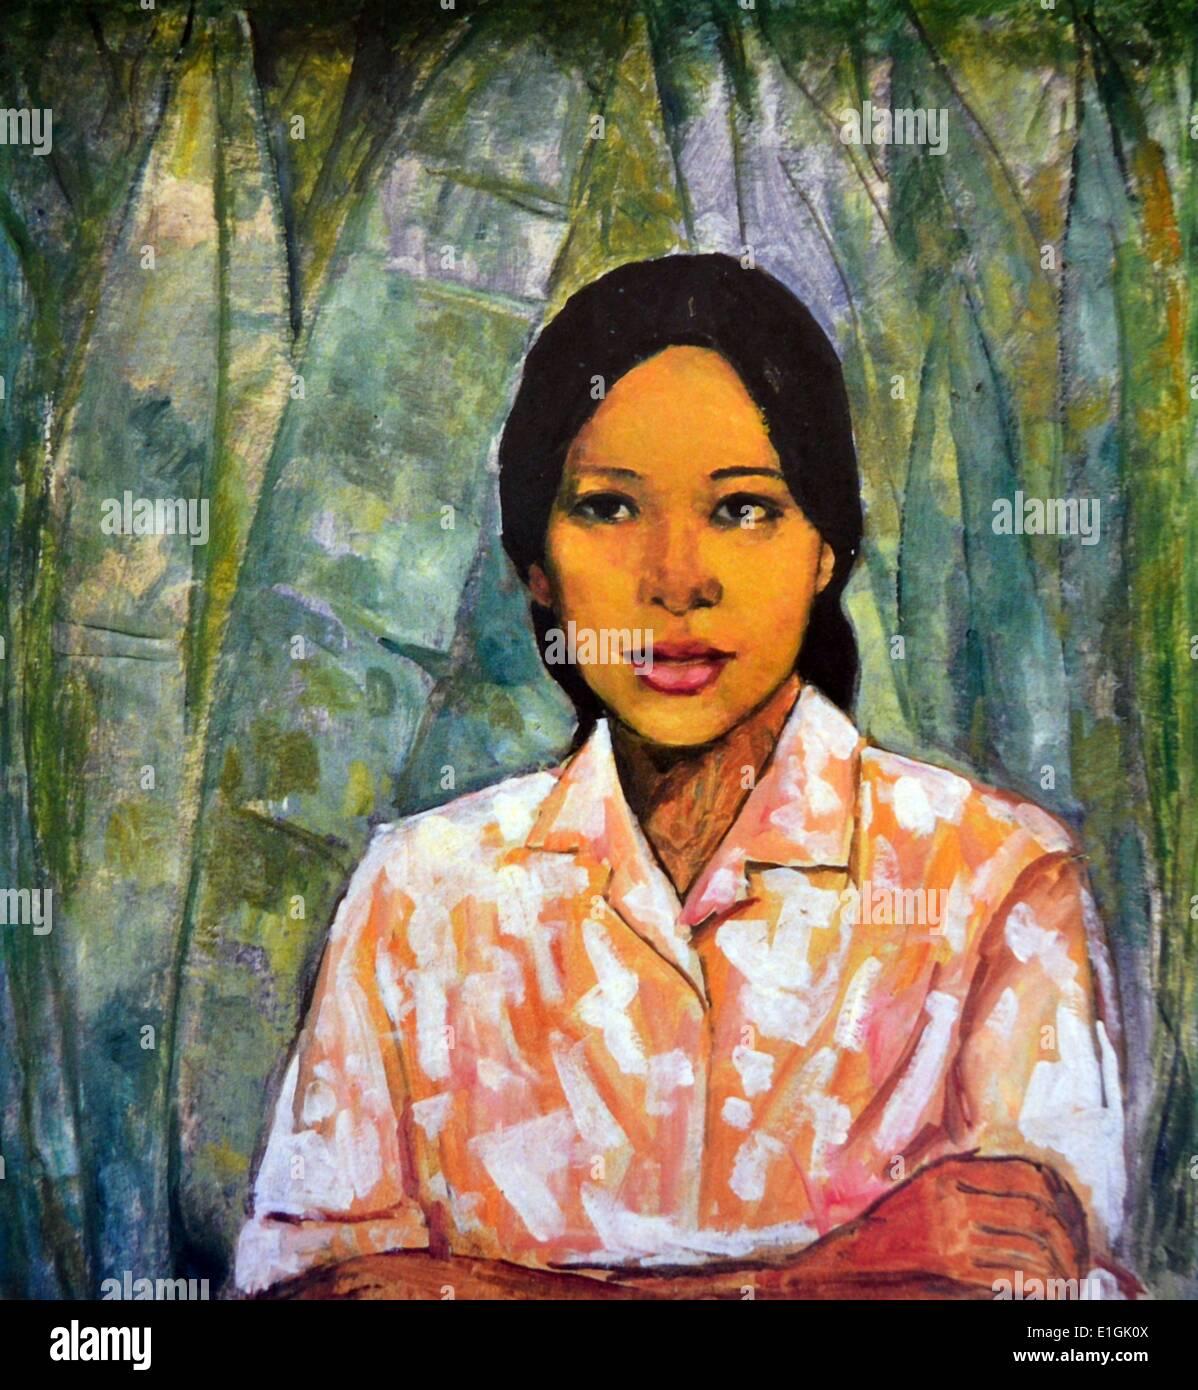 Edades Victorio C. (1895-1985), fille de la campagne, ca 1960. Huile sur toile. Photo Stock